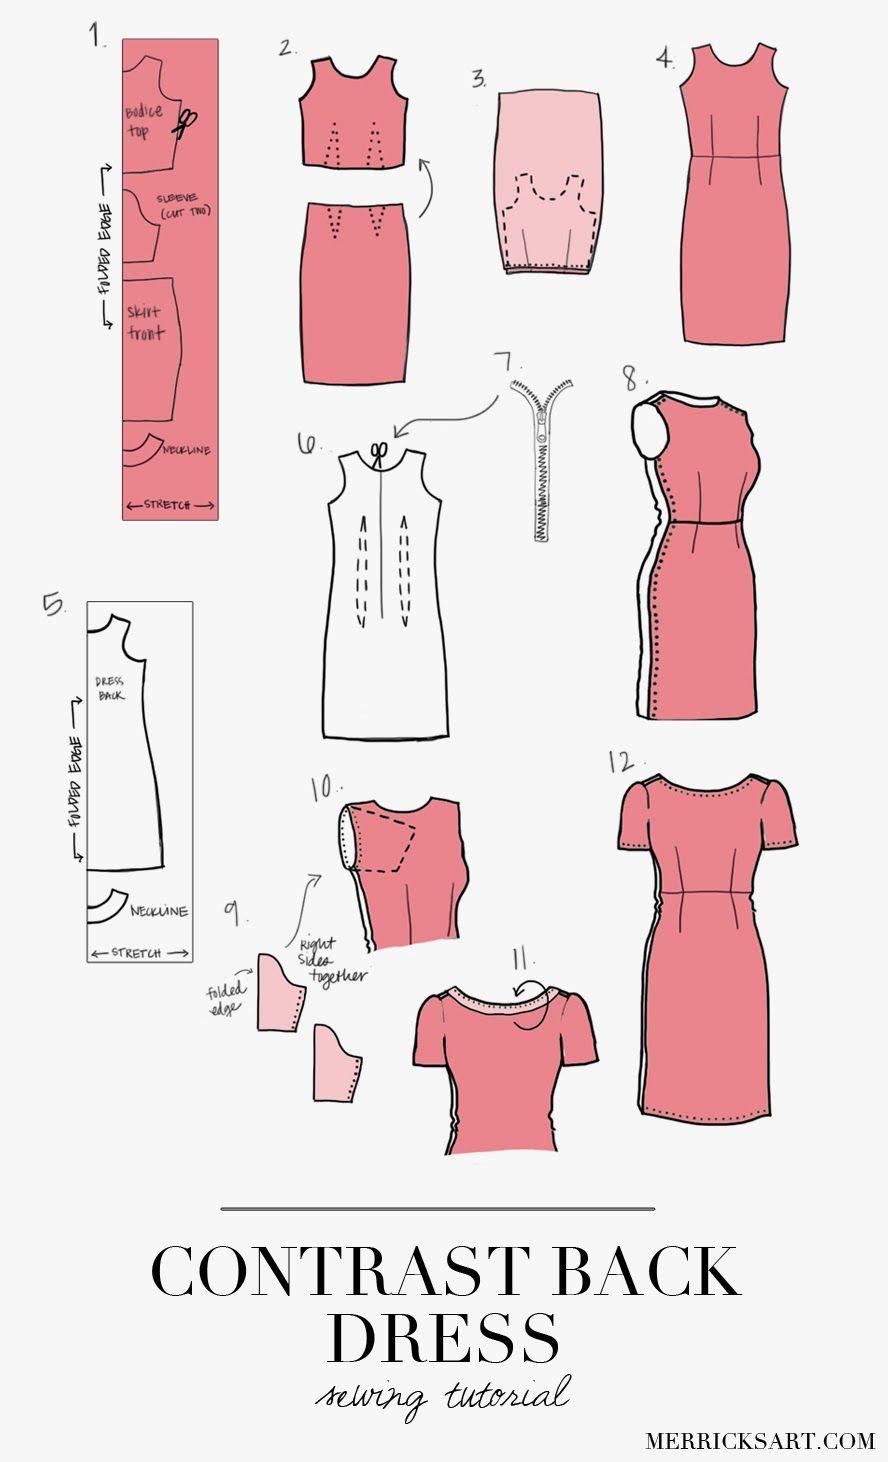 CONTRAST BACK DRESS TUTORIAL   Costura, Patrones y Ropa informal